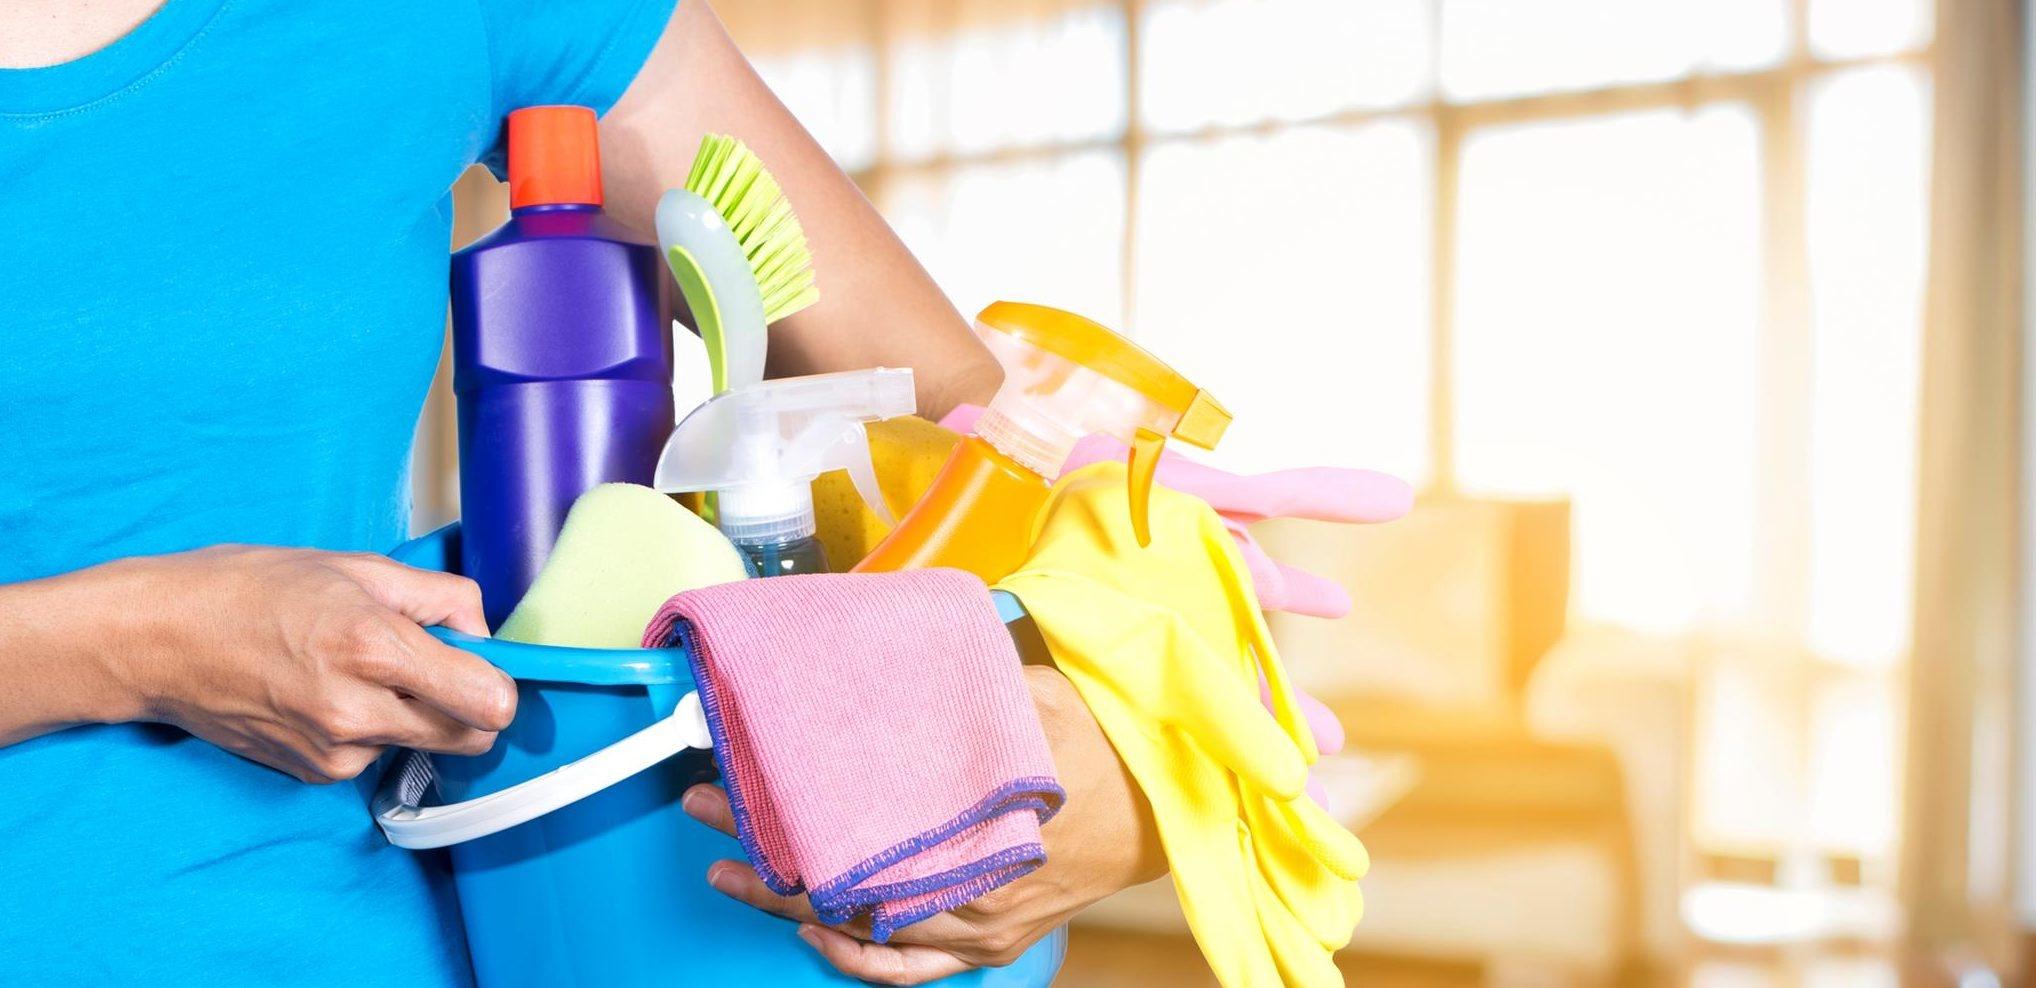 10 itens que facilitam a limpeza da casa. Já os tem a todos?